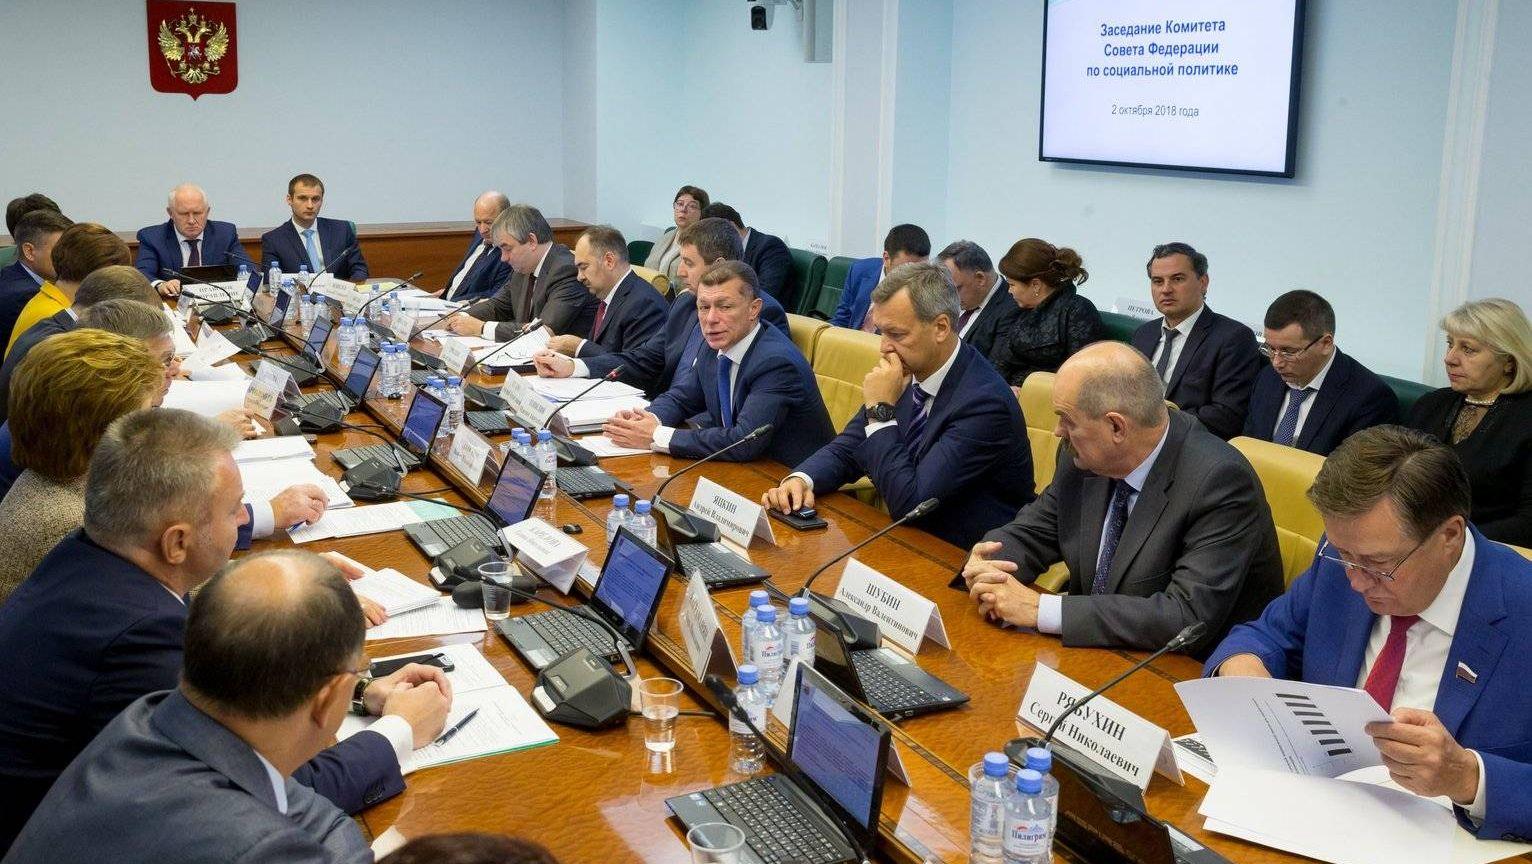 Заседание провел председатель Комитета СФ Валерий Рязанский.